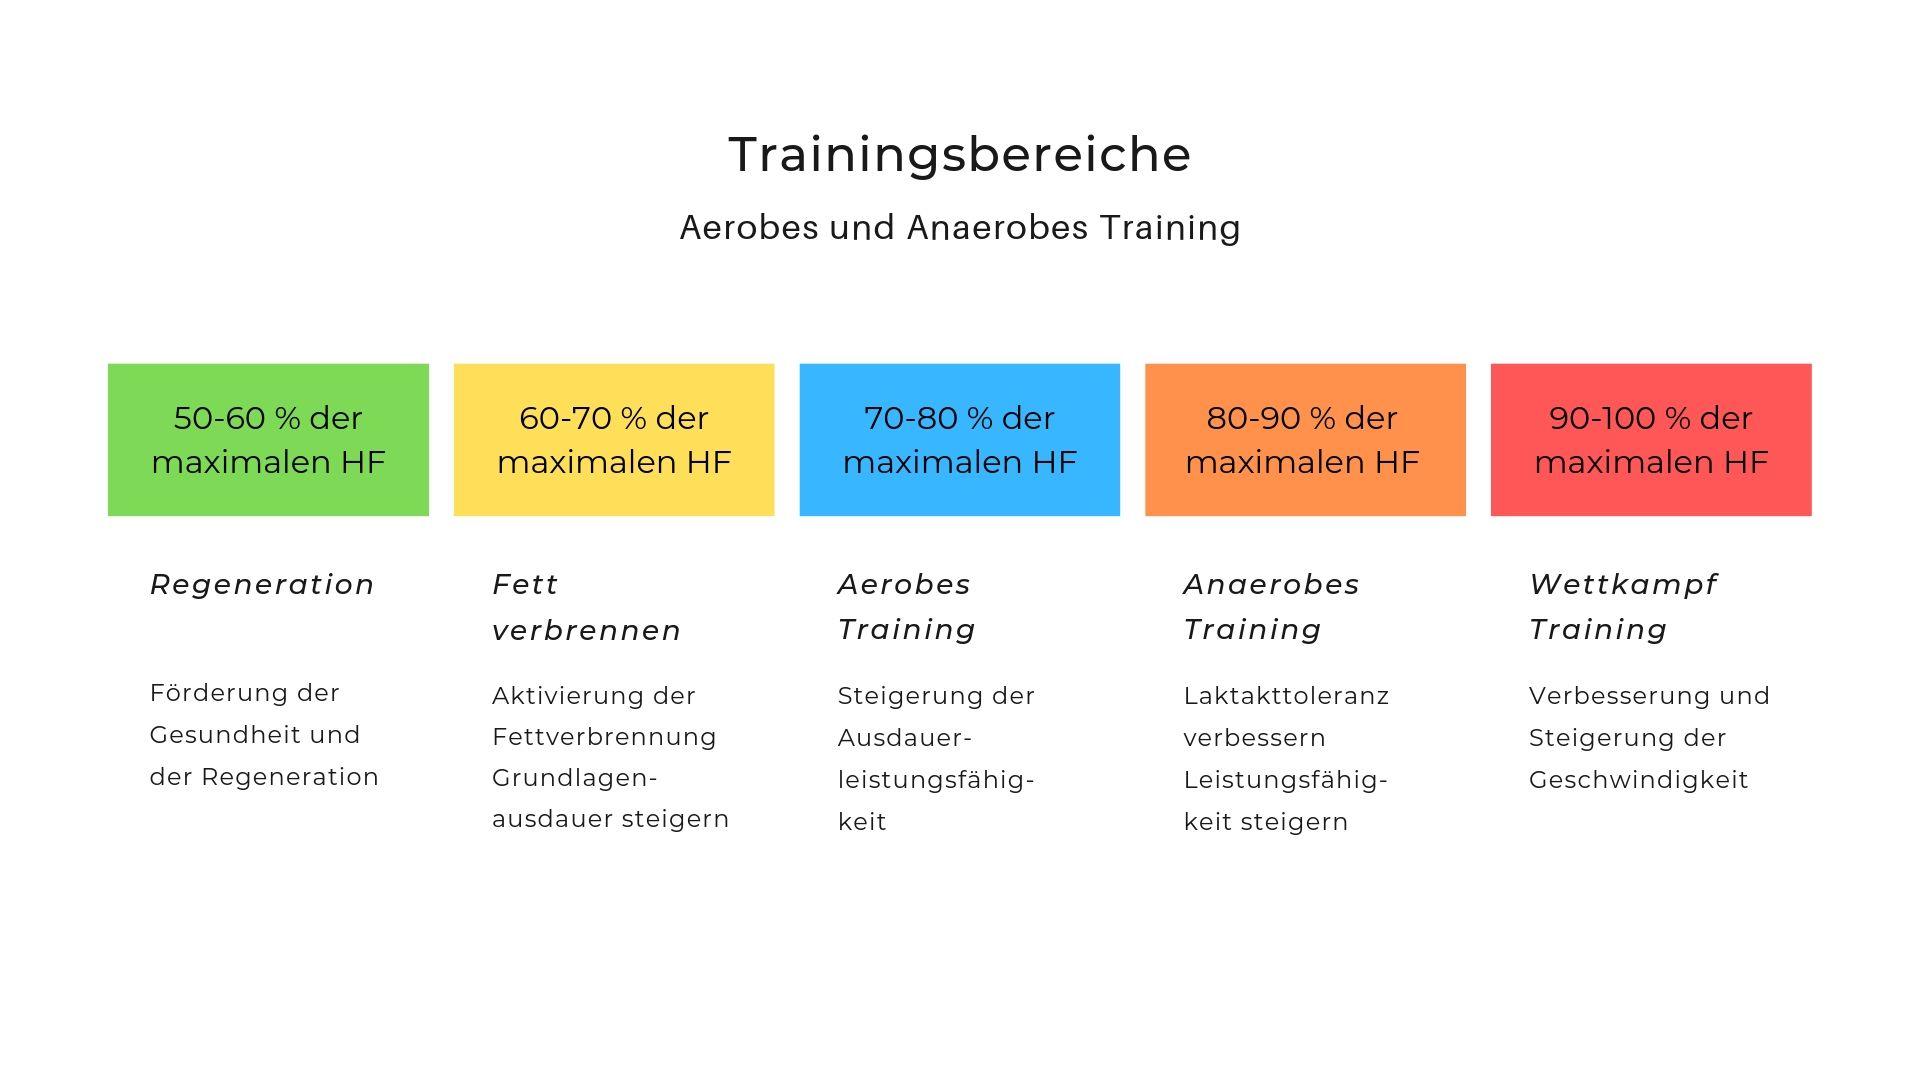 Trainingsbereiche